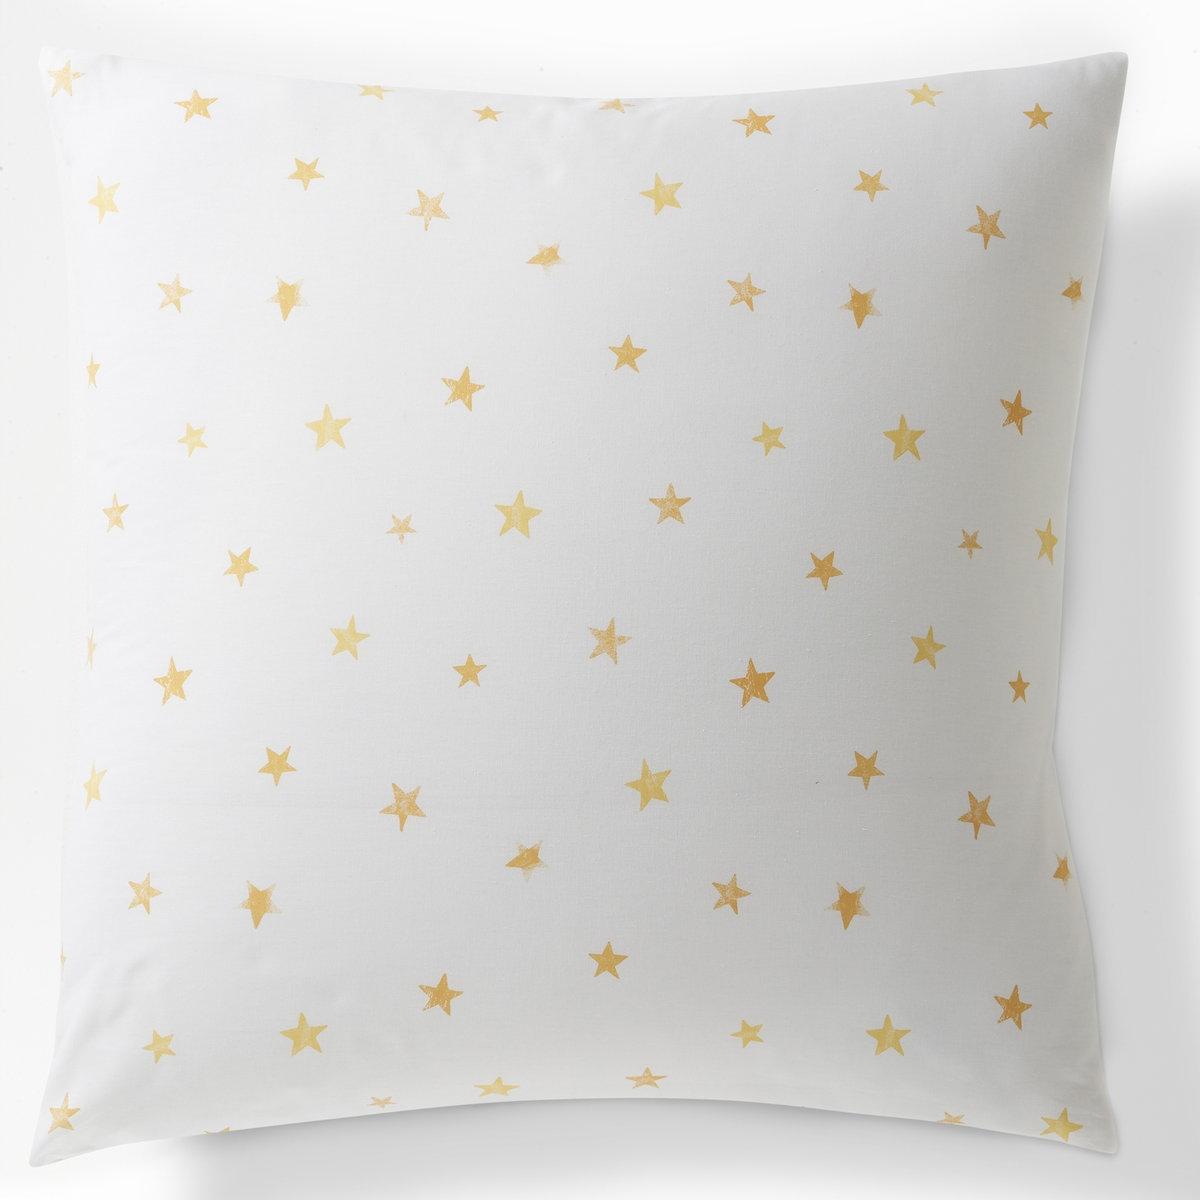 Наволочка LUNEНаволочка LUNE из 100% хлопка с рисункомС 2 сторон покрыта орнаментом из желтых звезд на белом фоне.С клапаном.100% хлопка, 51 нить/см?: чем больше нитей/см?, тем выше качество ткани.Стирка при 60°.63 x 63 см.<br><br>Цвет: белый/ желтый<br>Размер: 63 x 63  см